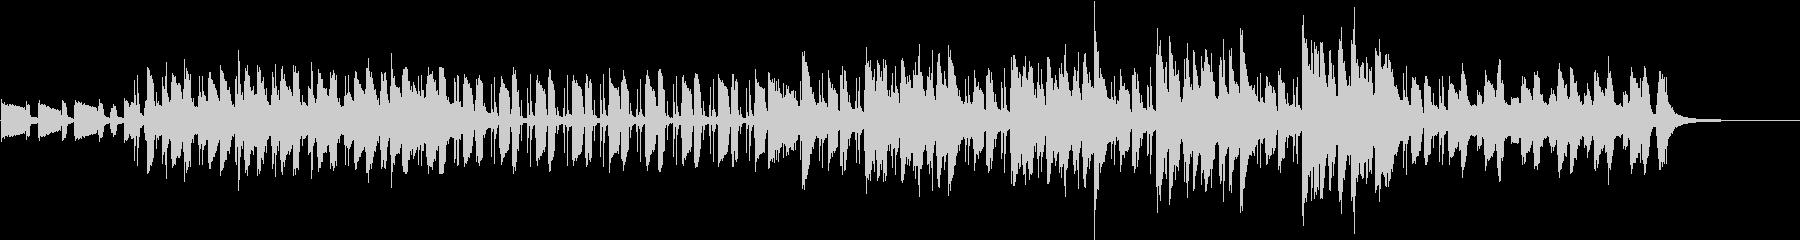 ピアノのリズムが軽快なポップスジャズの未再生の波形